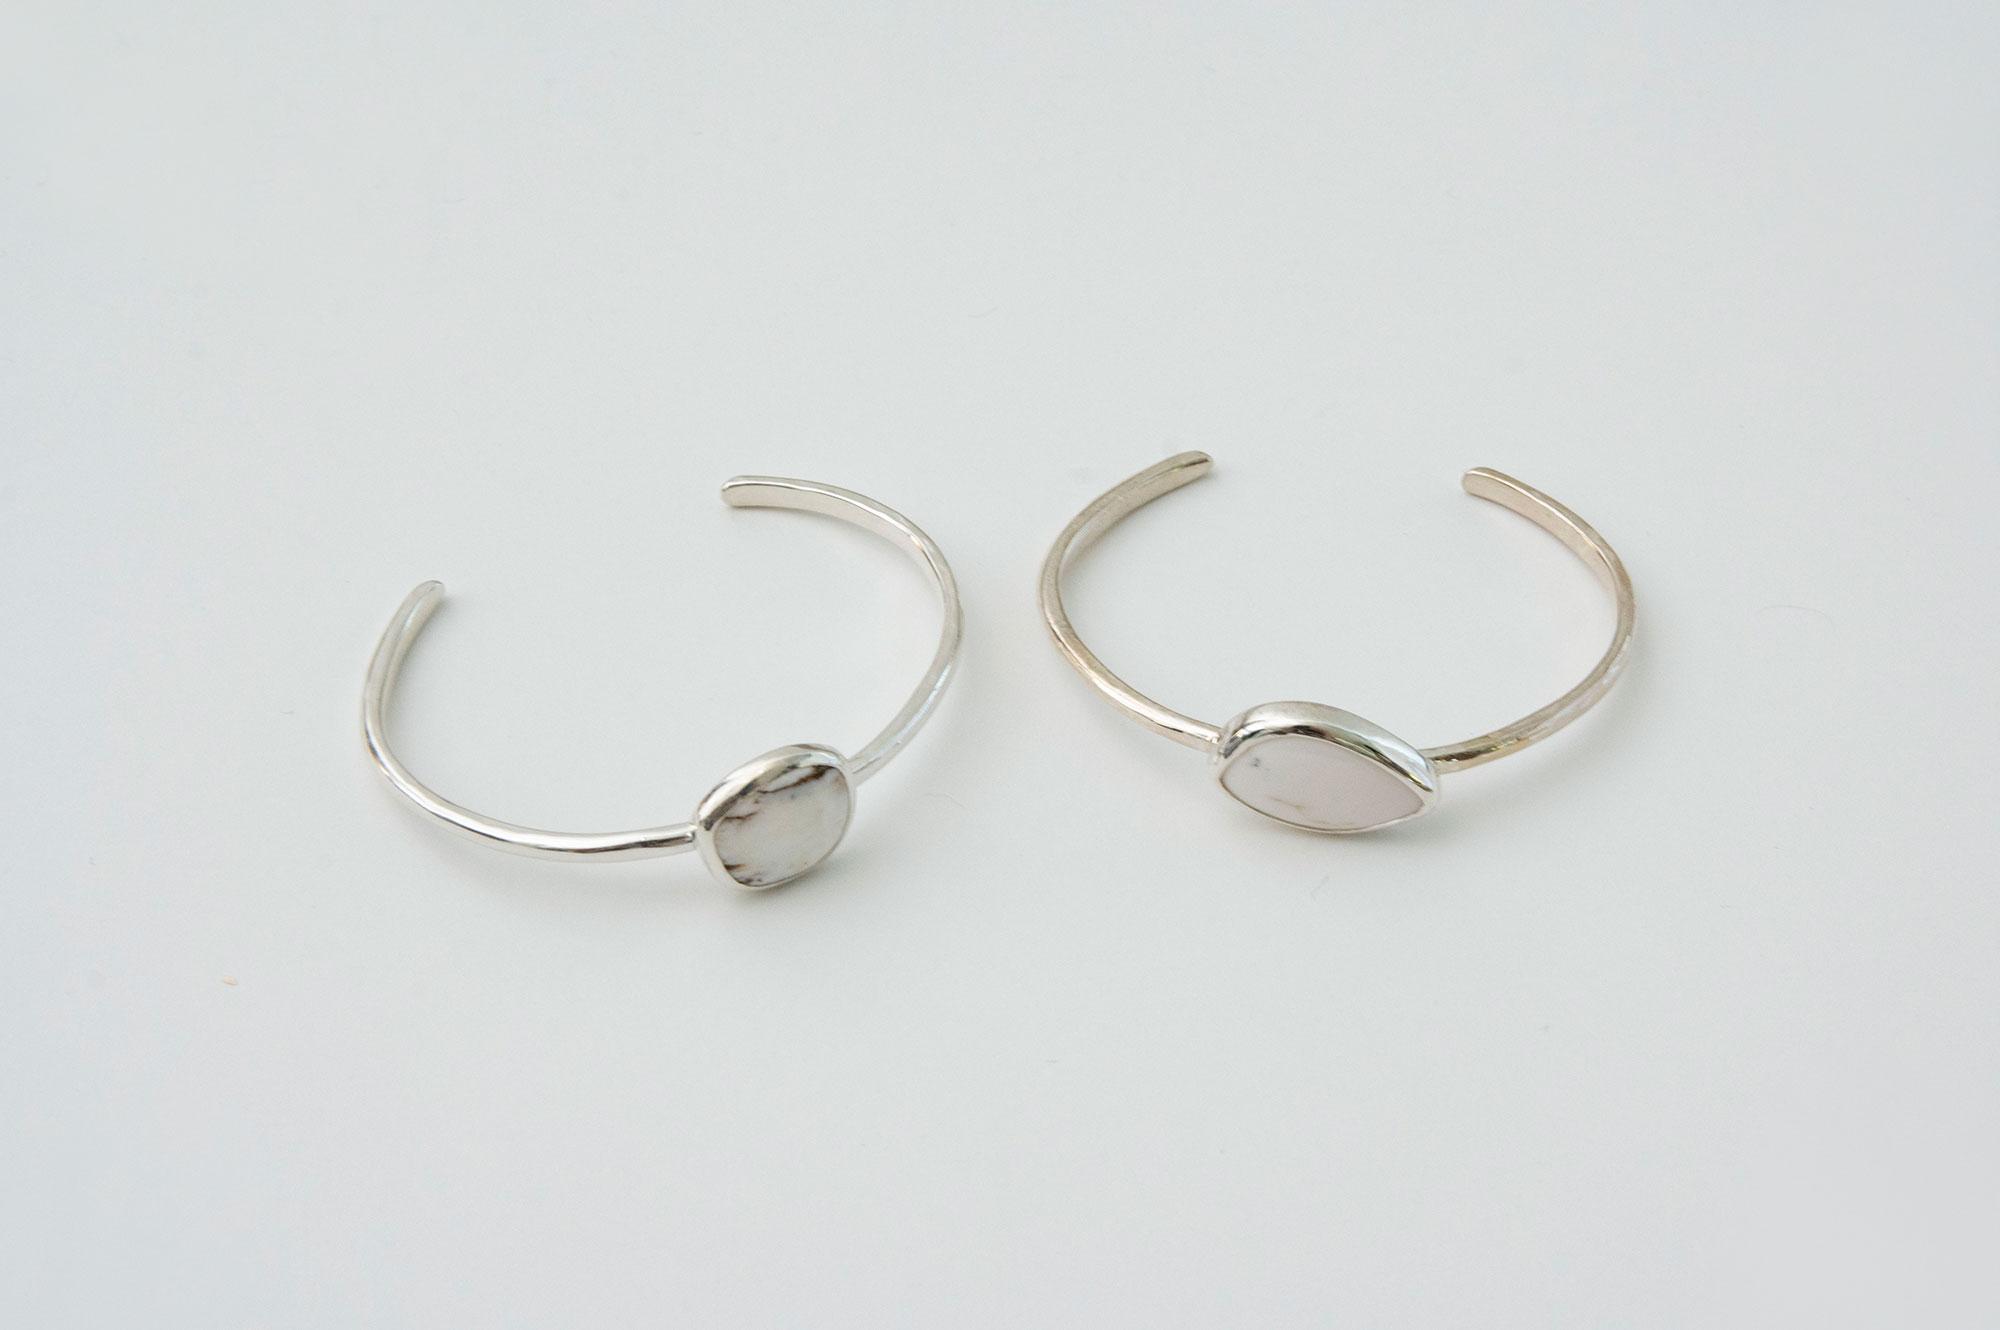 accessories mau 石 シルバーバングル ホワイトバッファロー